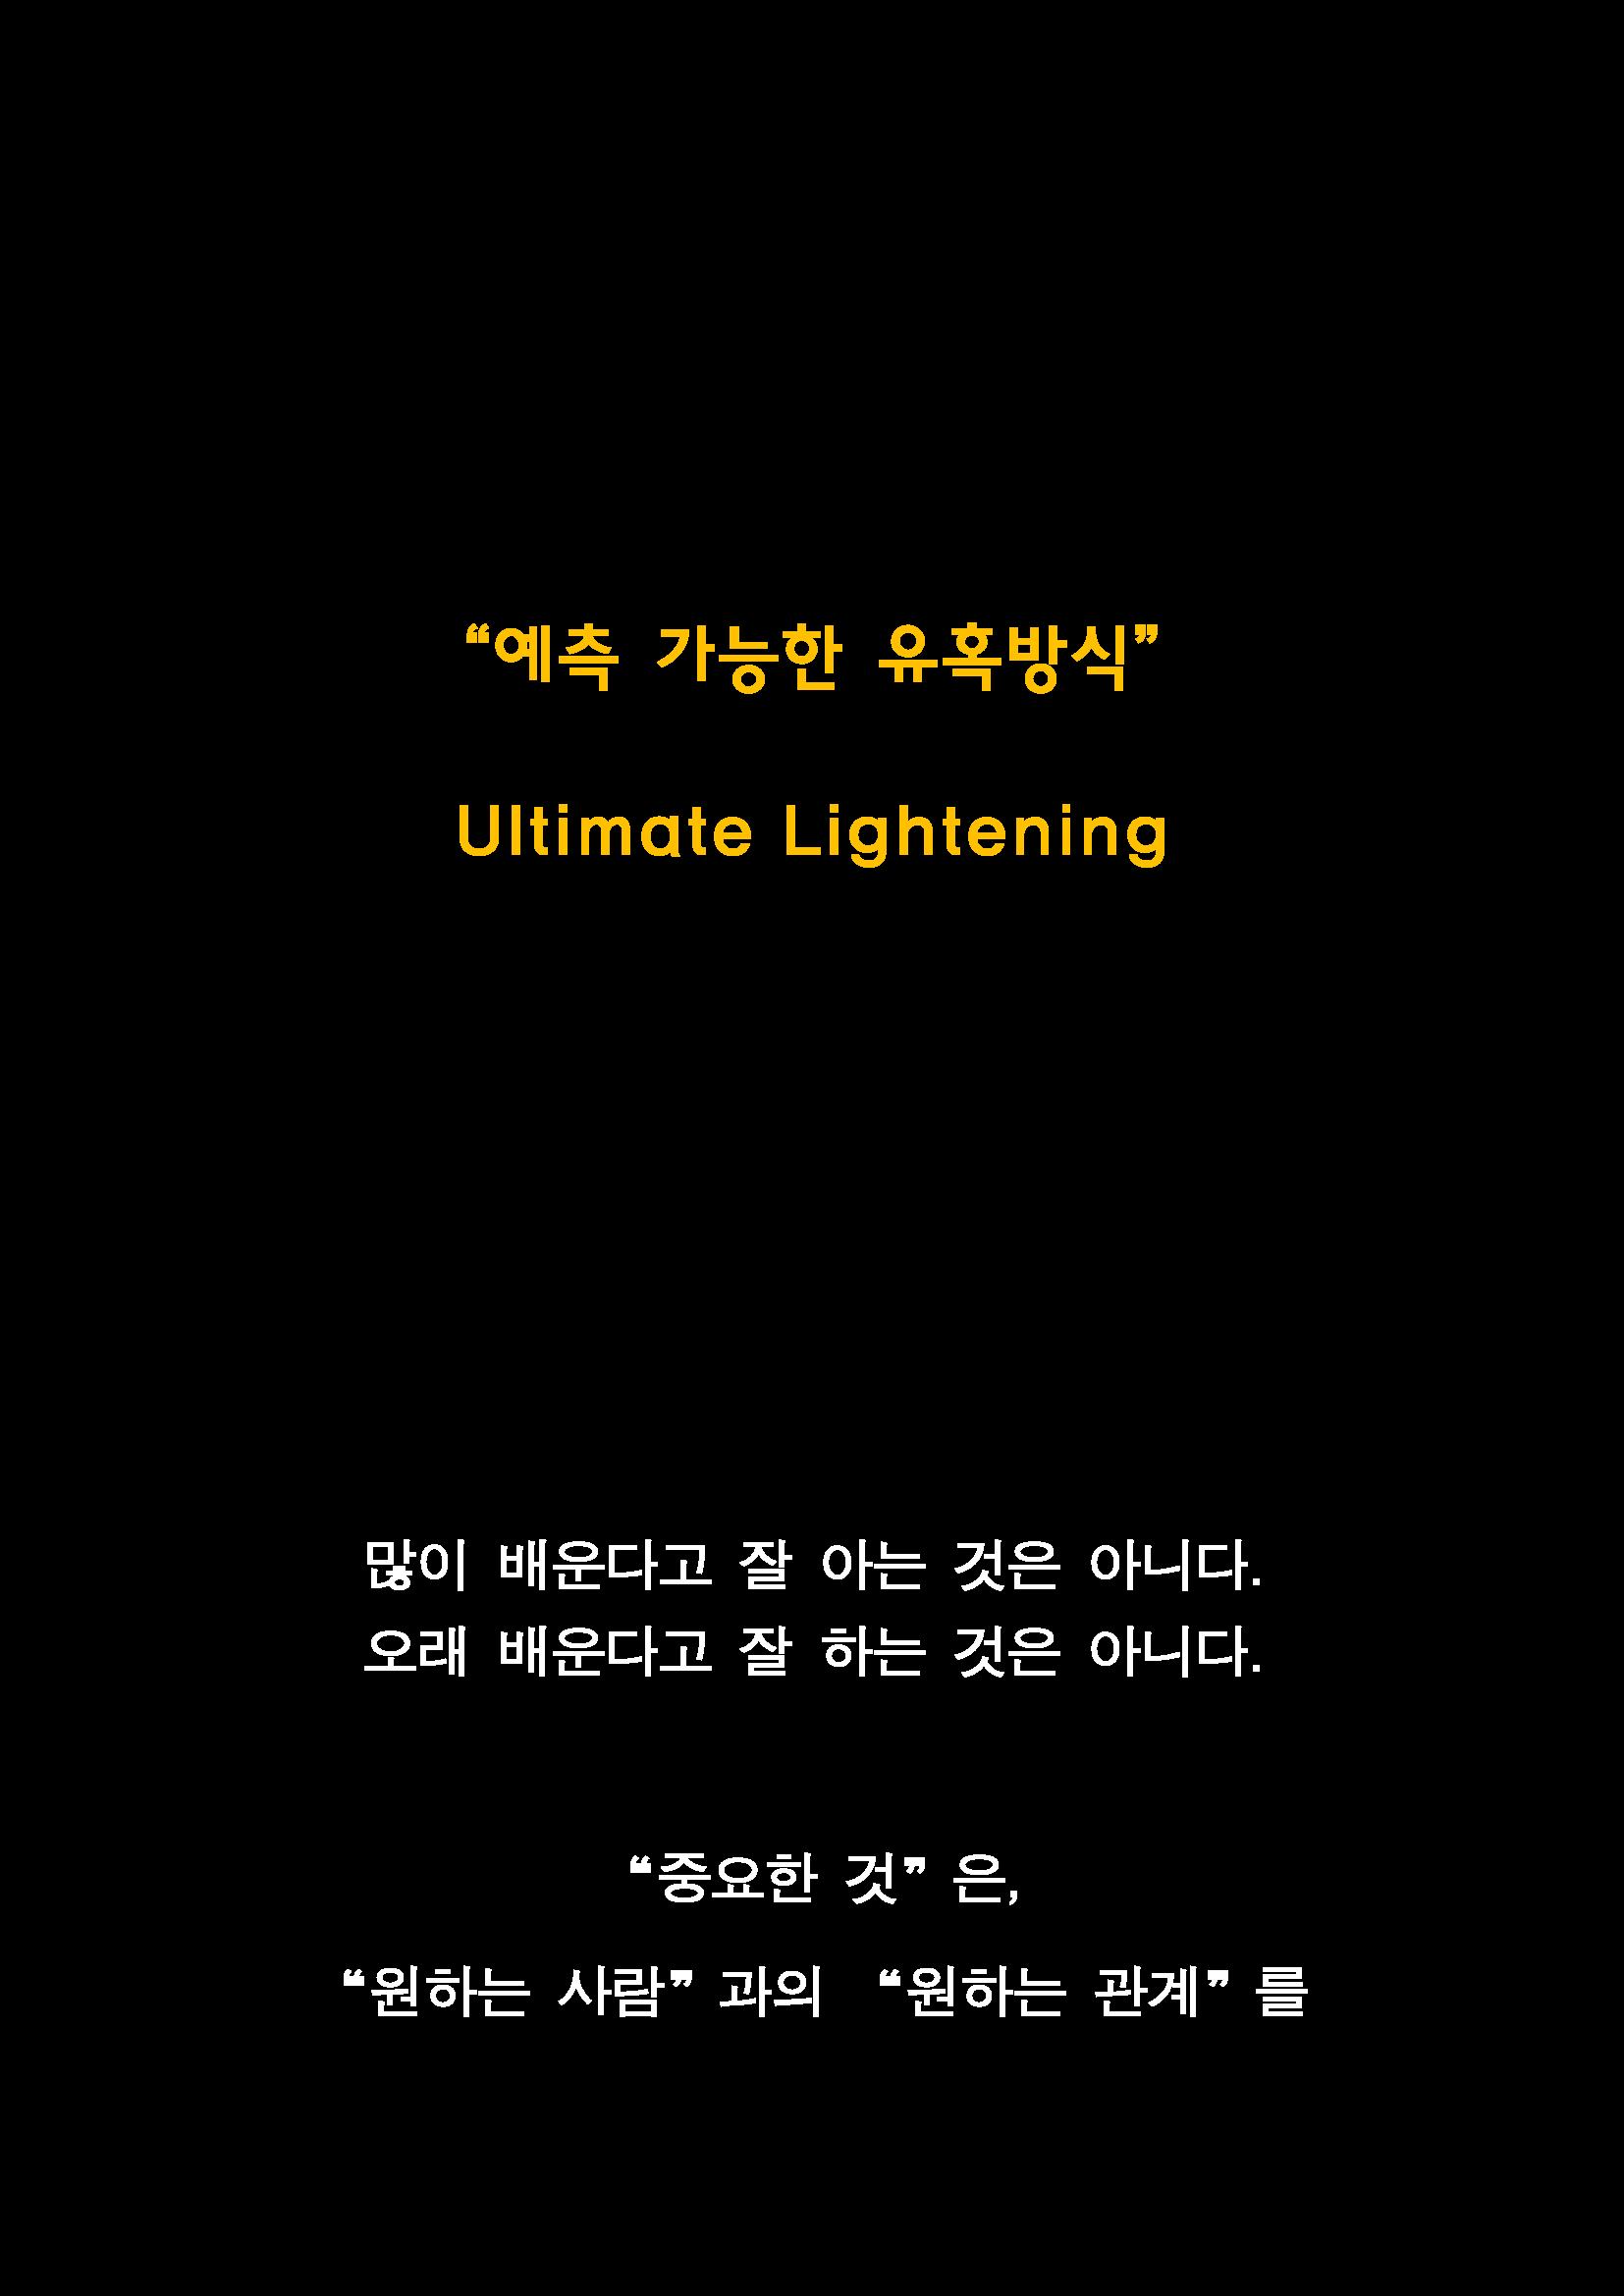 제 11회 Ultimate Lightening(진짜)_페이지_05.png